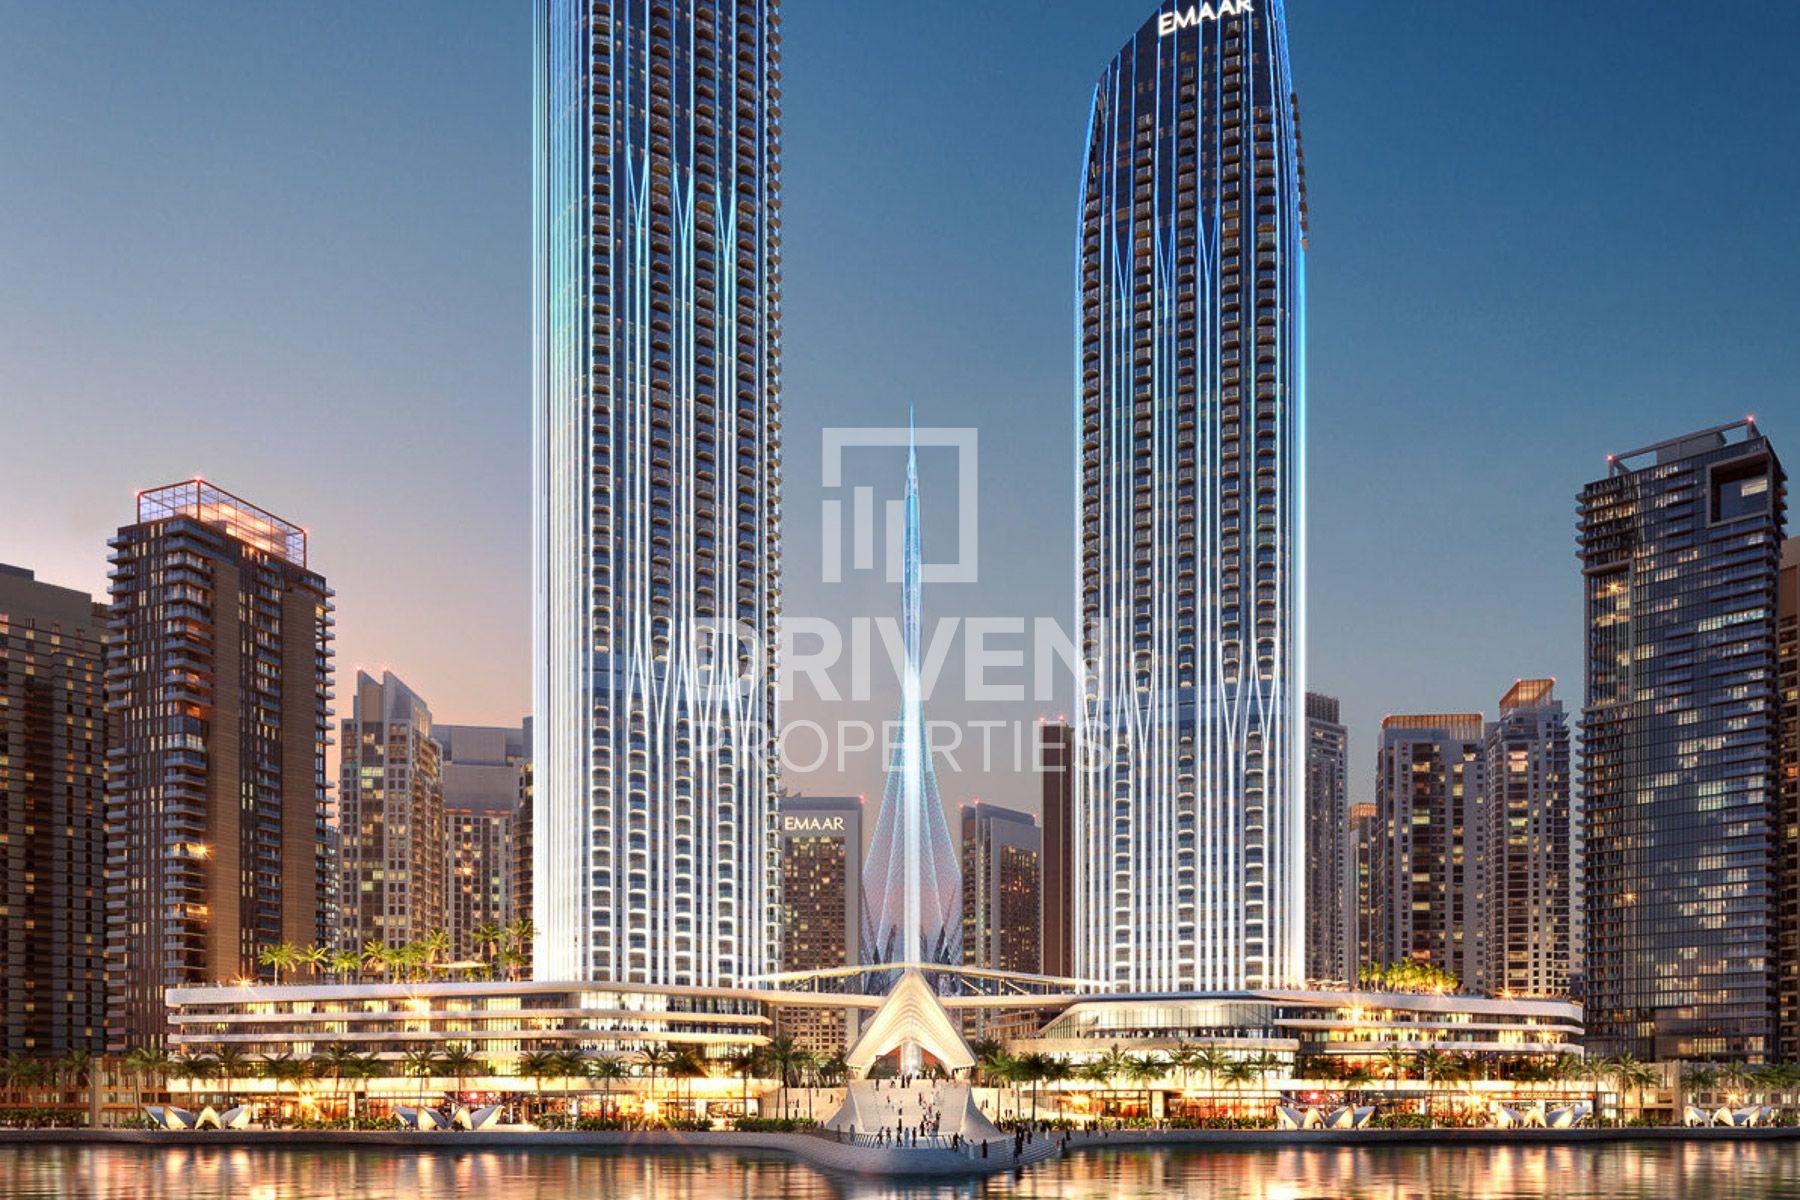 1,415 قدم مربع  شقة - للبيع - ميناء خور دبي